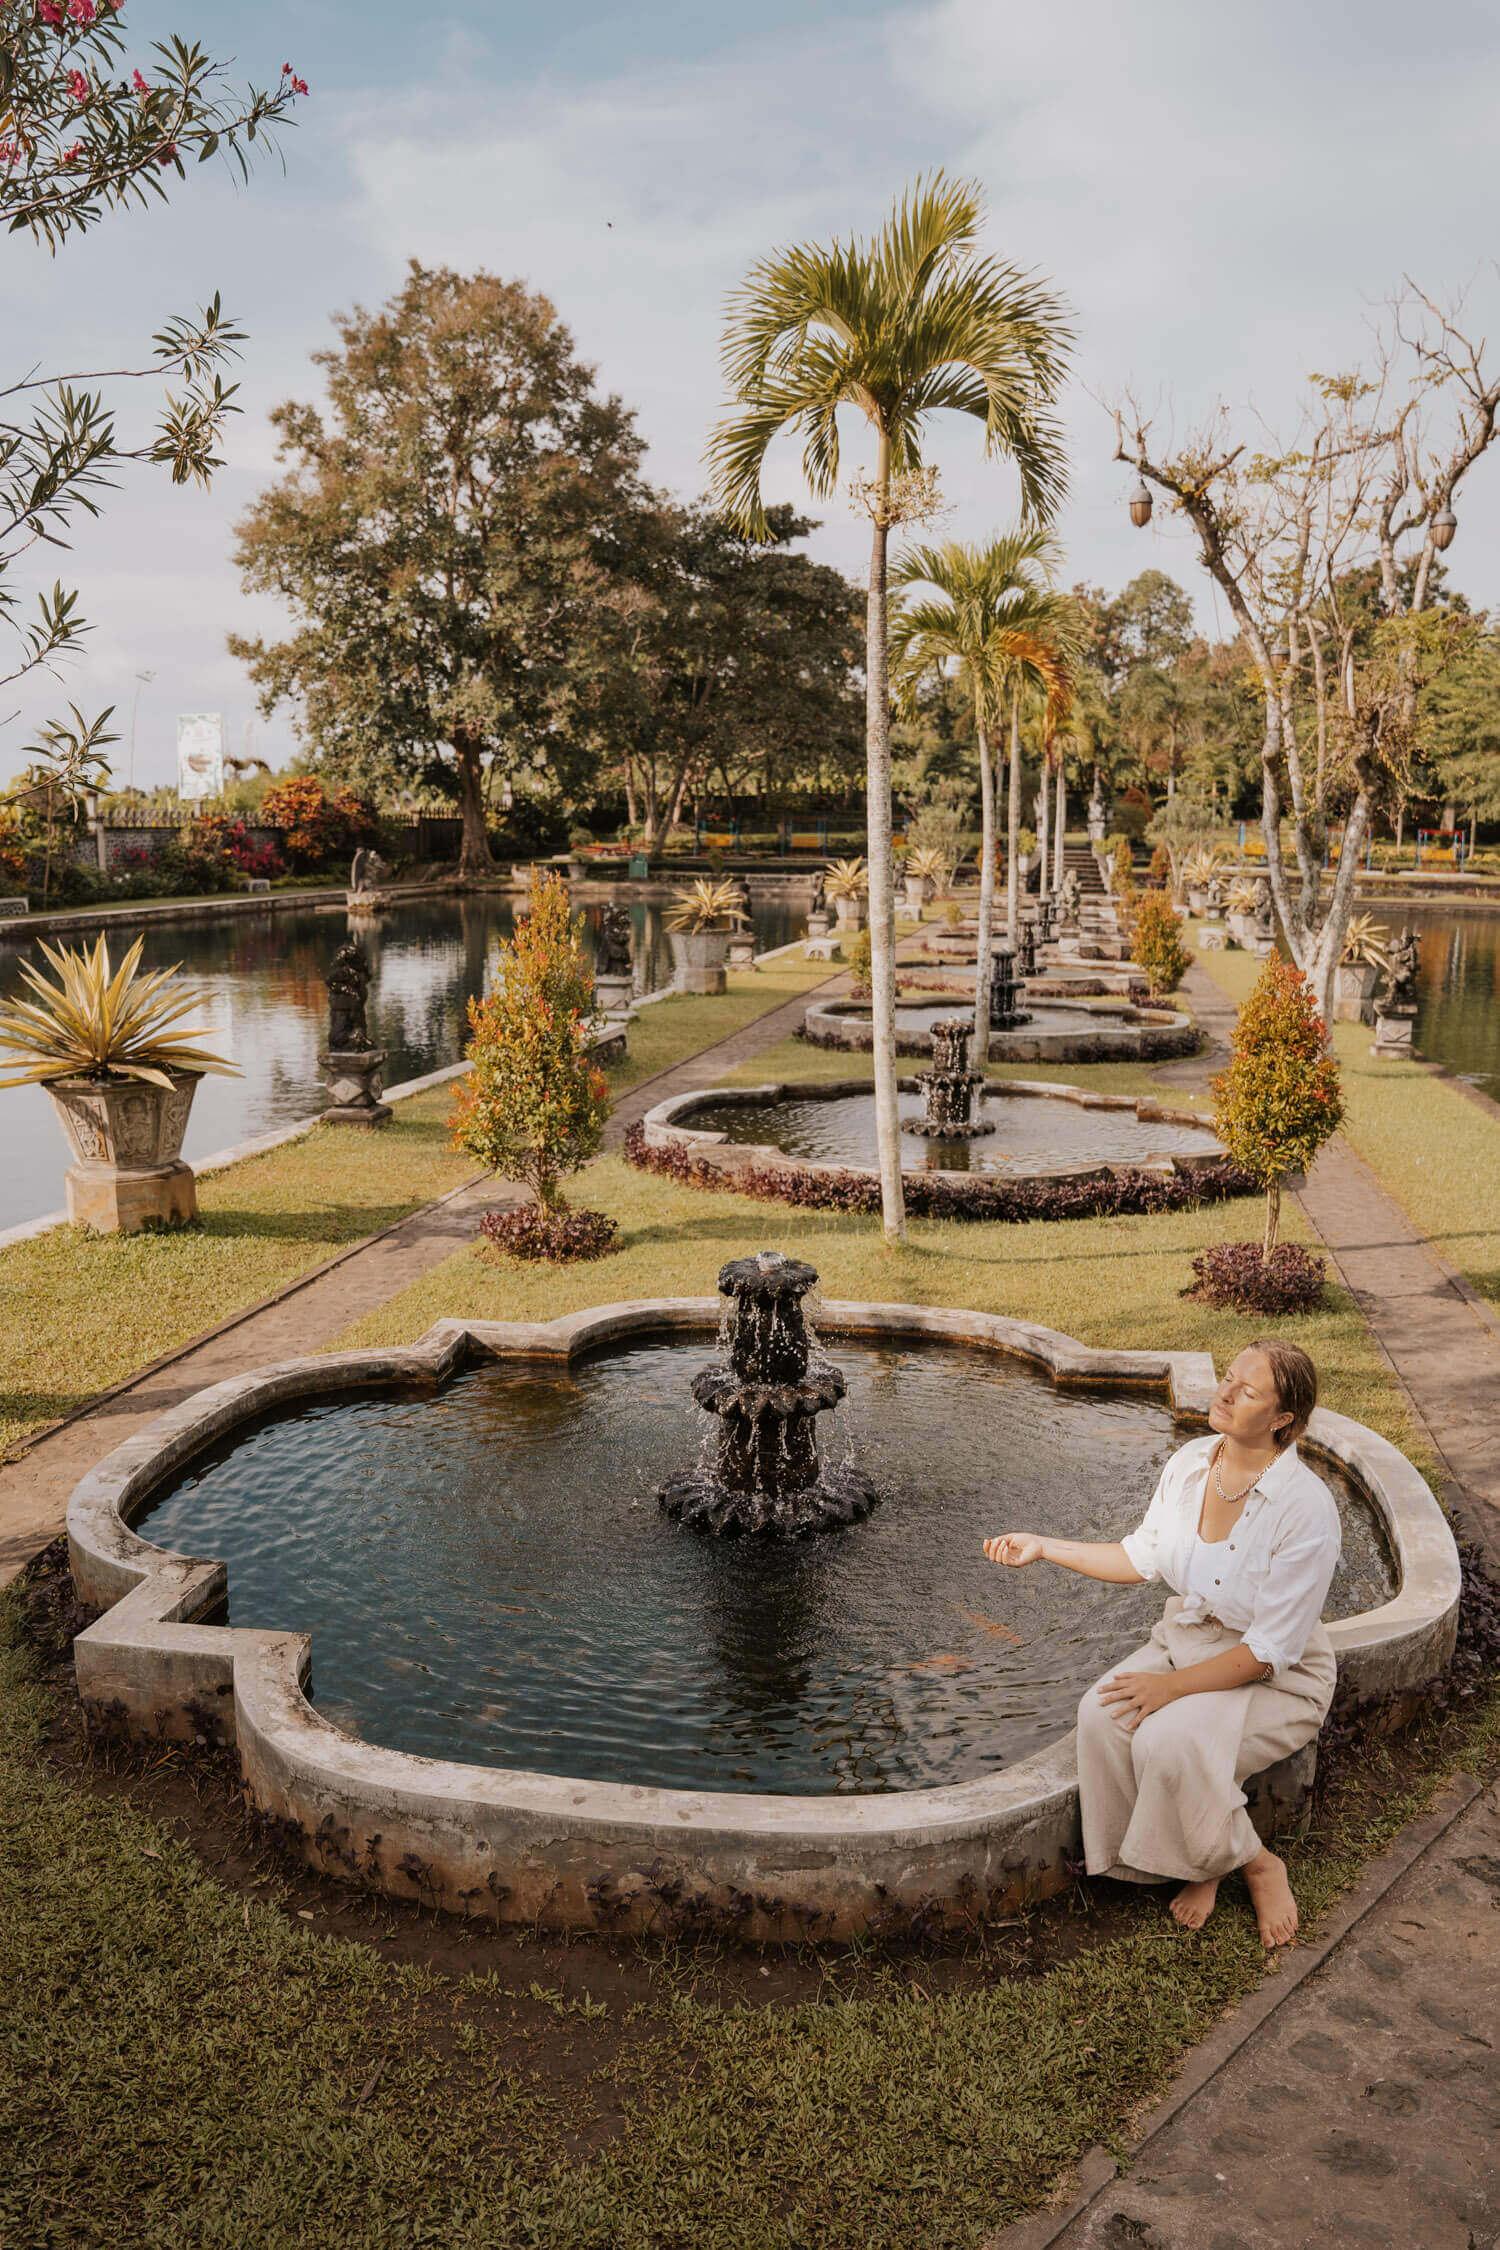 Tirta Gangga Water Palace Bali Instagram